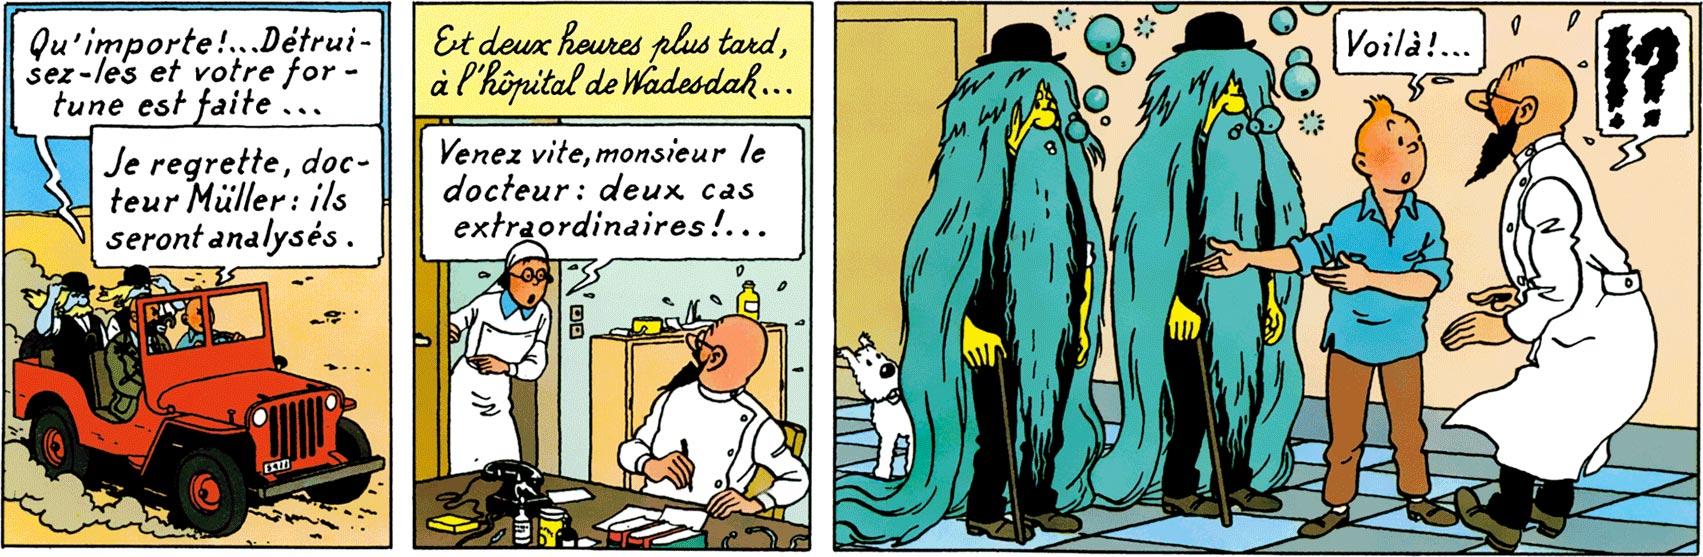 Dupondt, l'aspirine, les cheveux qui poussent - Tintin au pays de l'Or noir